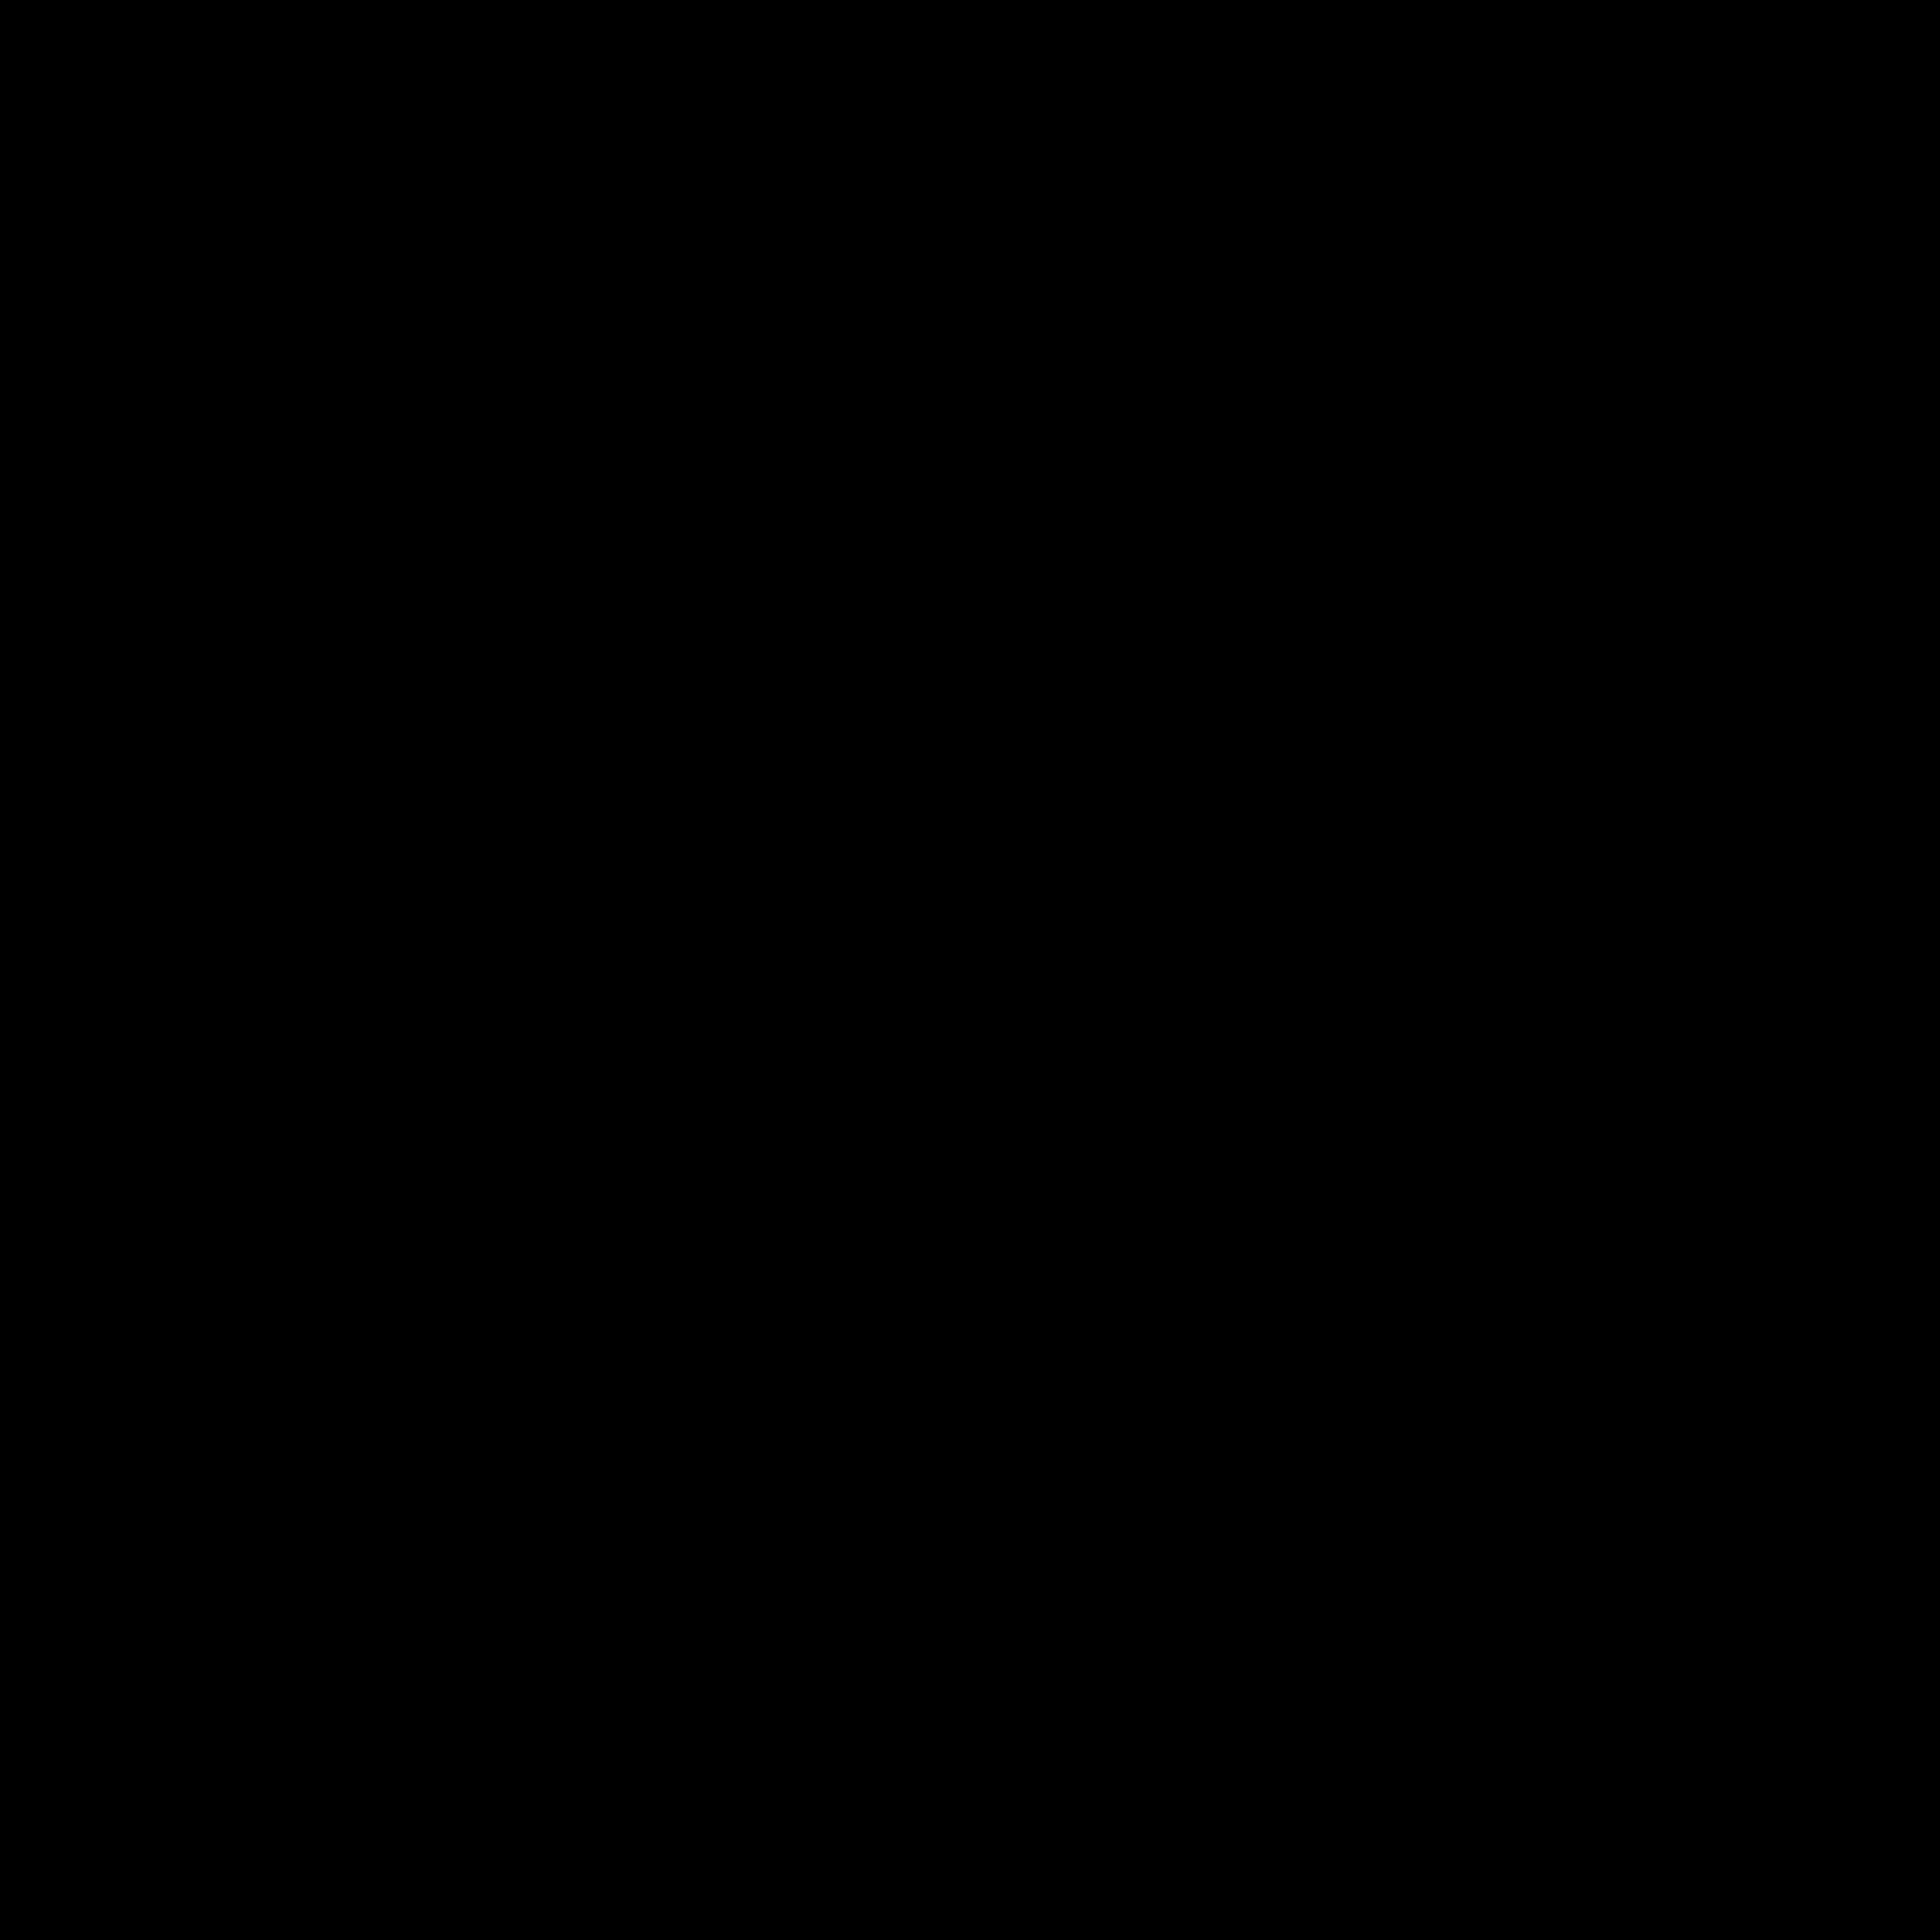 bet channel logo 0 - BET Logo (Canal de TV)